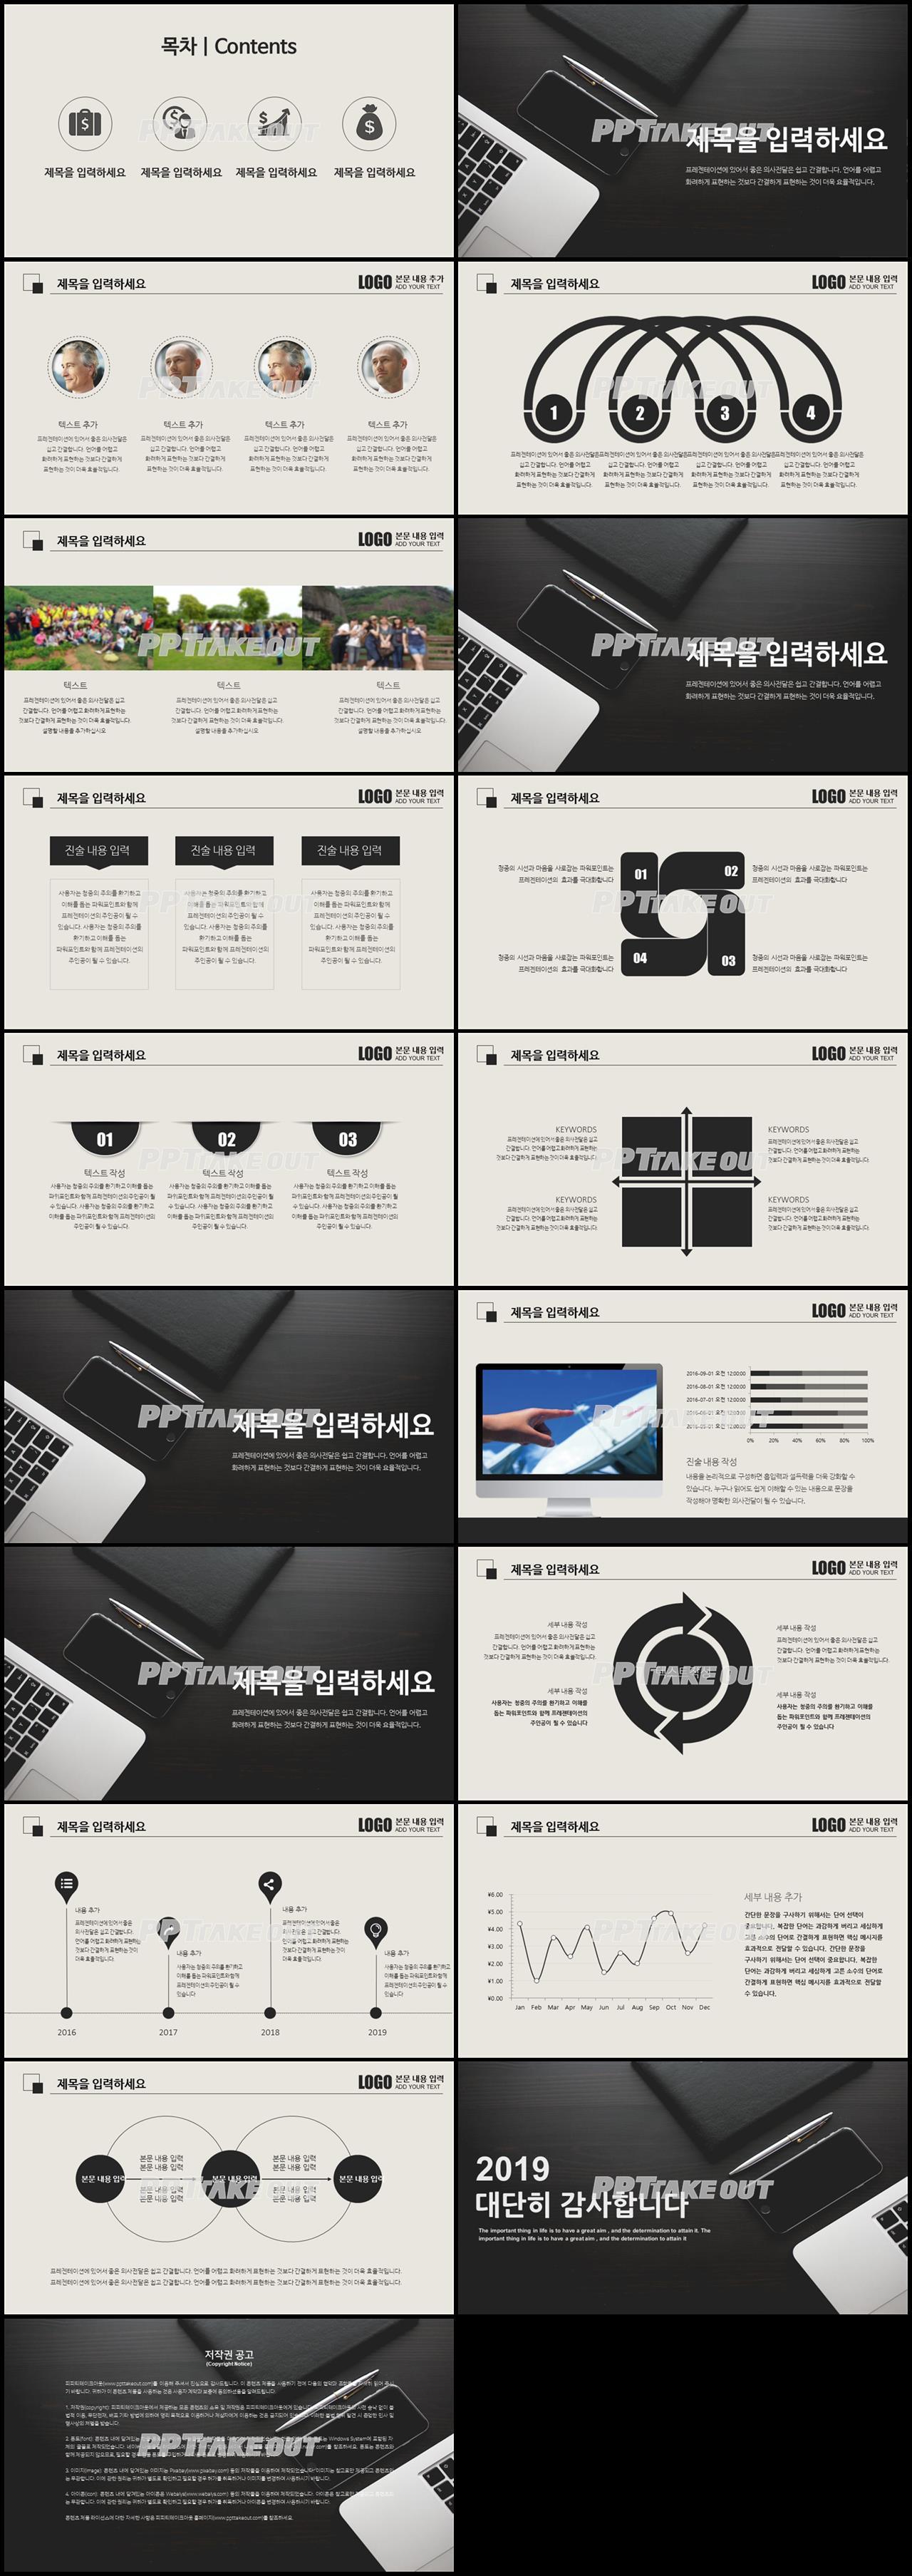 경제금융 검은색 다크한 발표용 피피티서식 다운 상세보기